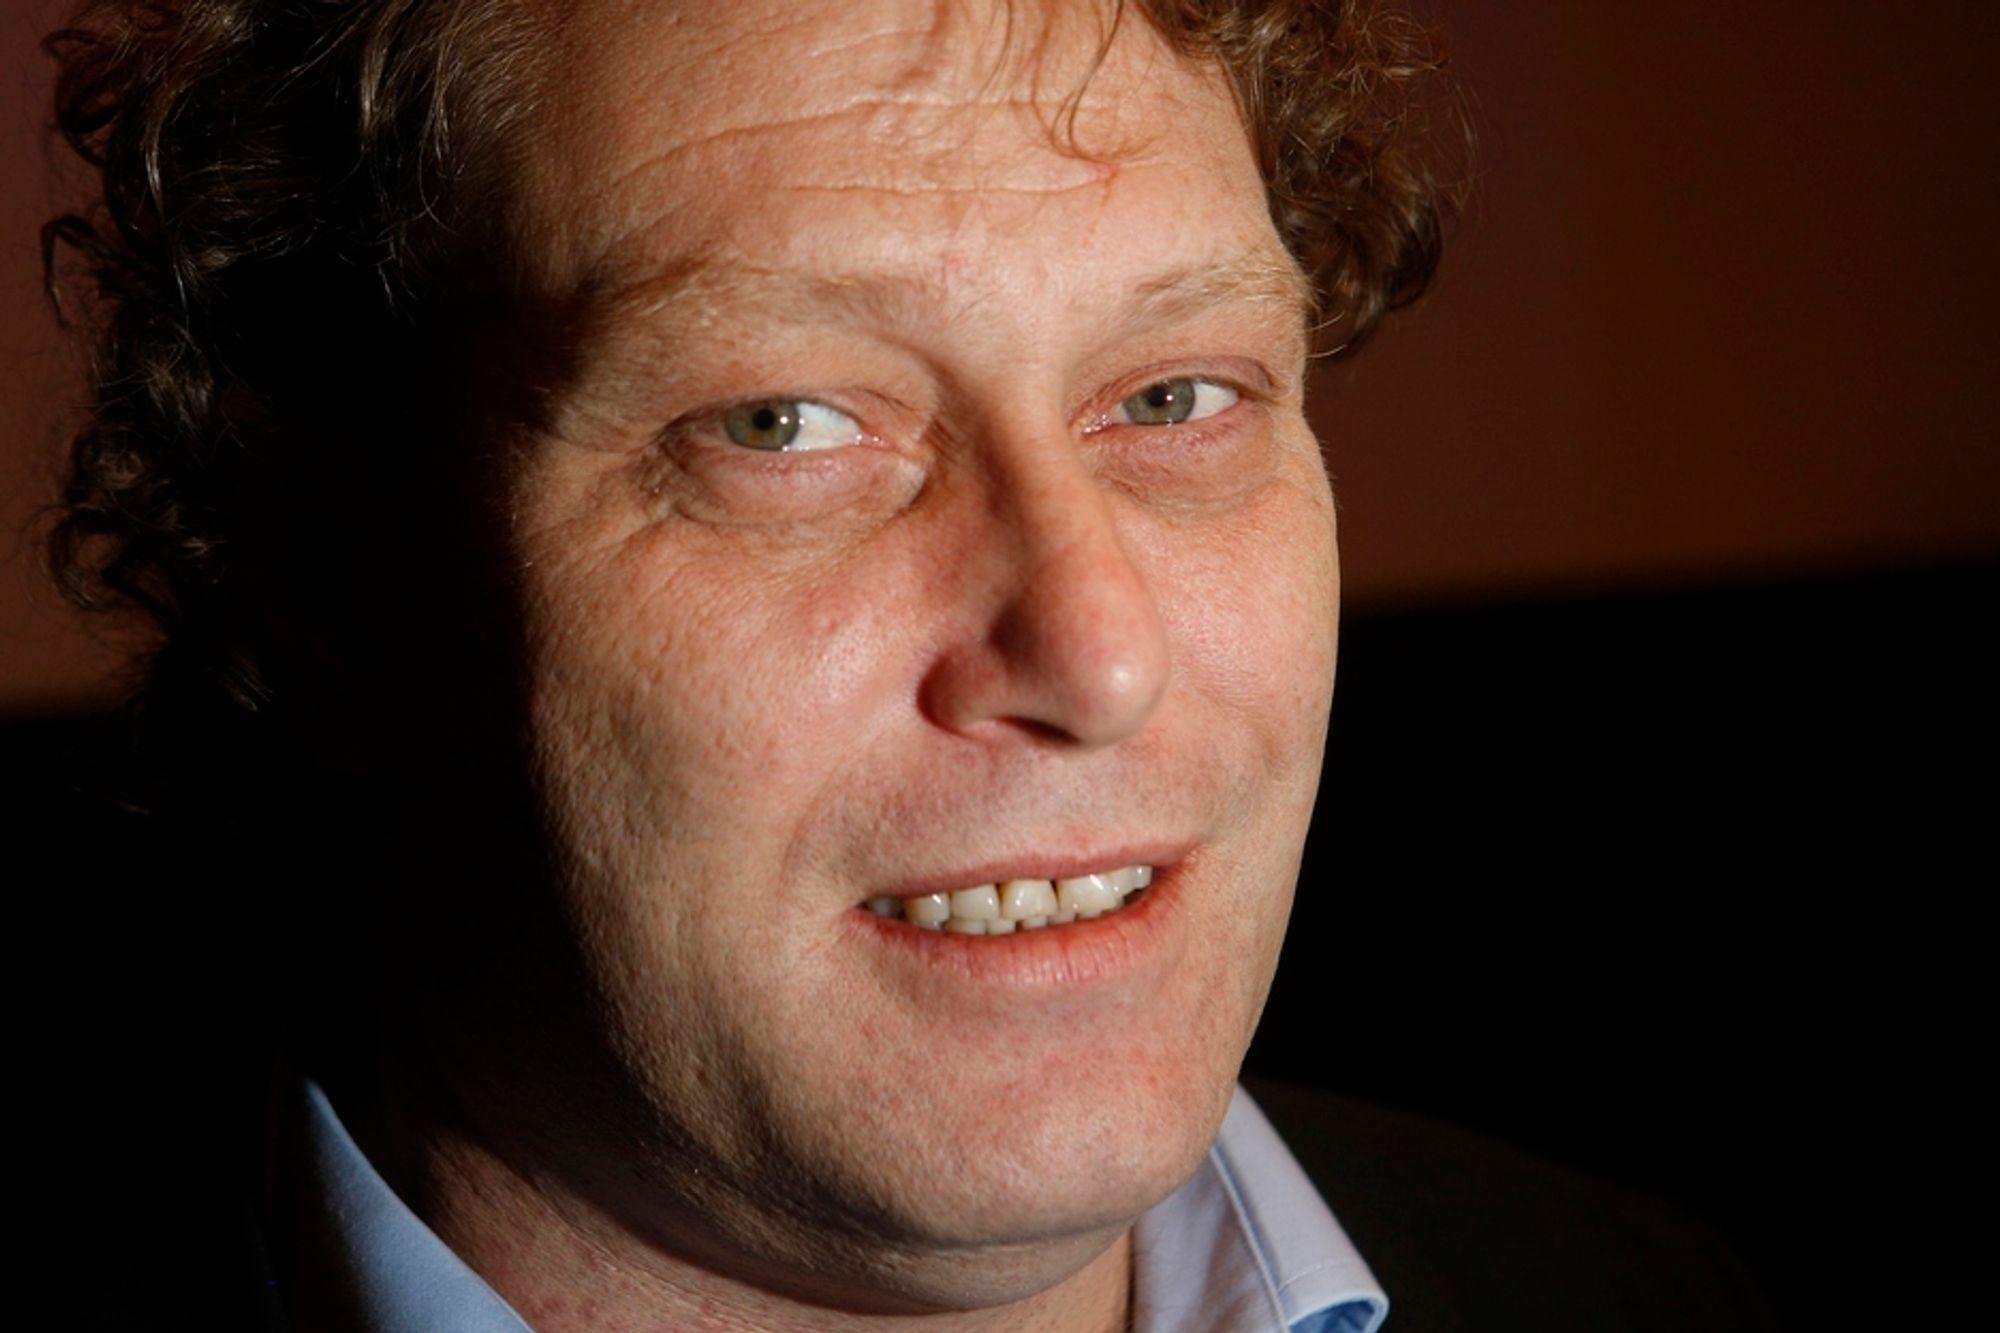 MILJØFORKJEMPERNE STRIDES: Bellona-leder Frederic Hauge mener motstanden mot CO2-håndtering i den internasjonale miljøbevegelsen, ikke er så stor som man kan få inntrykk av.